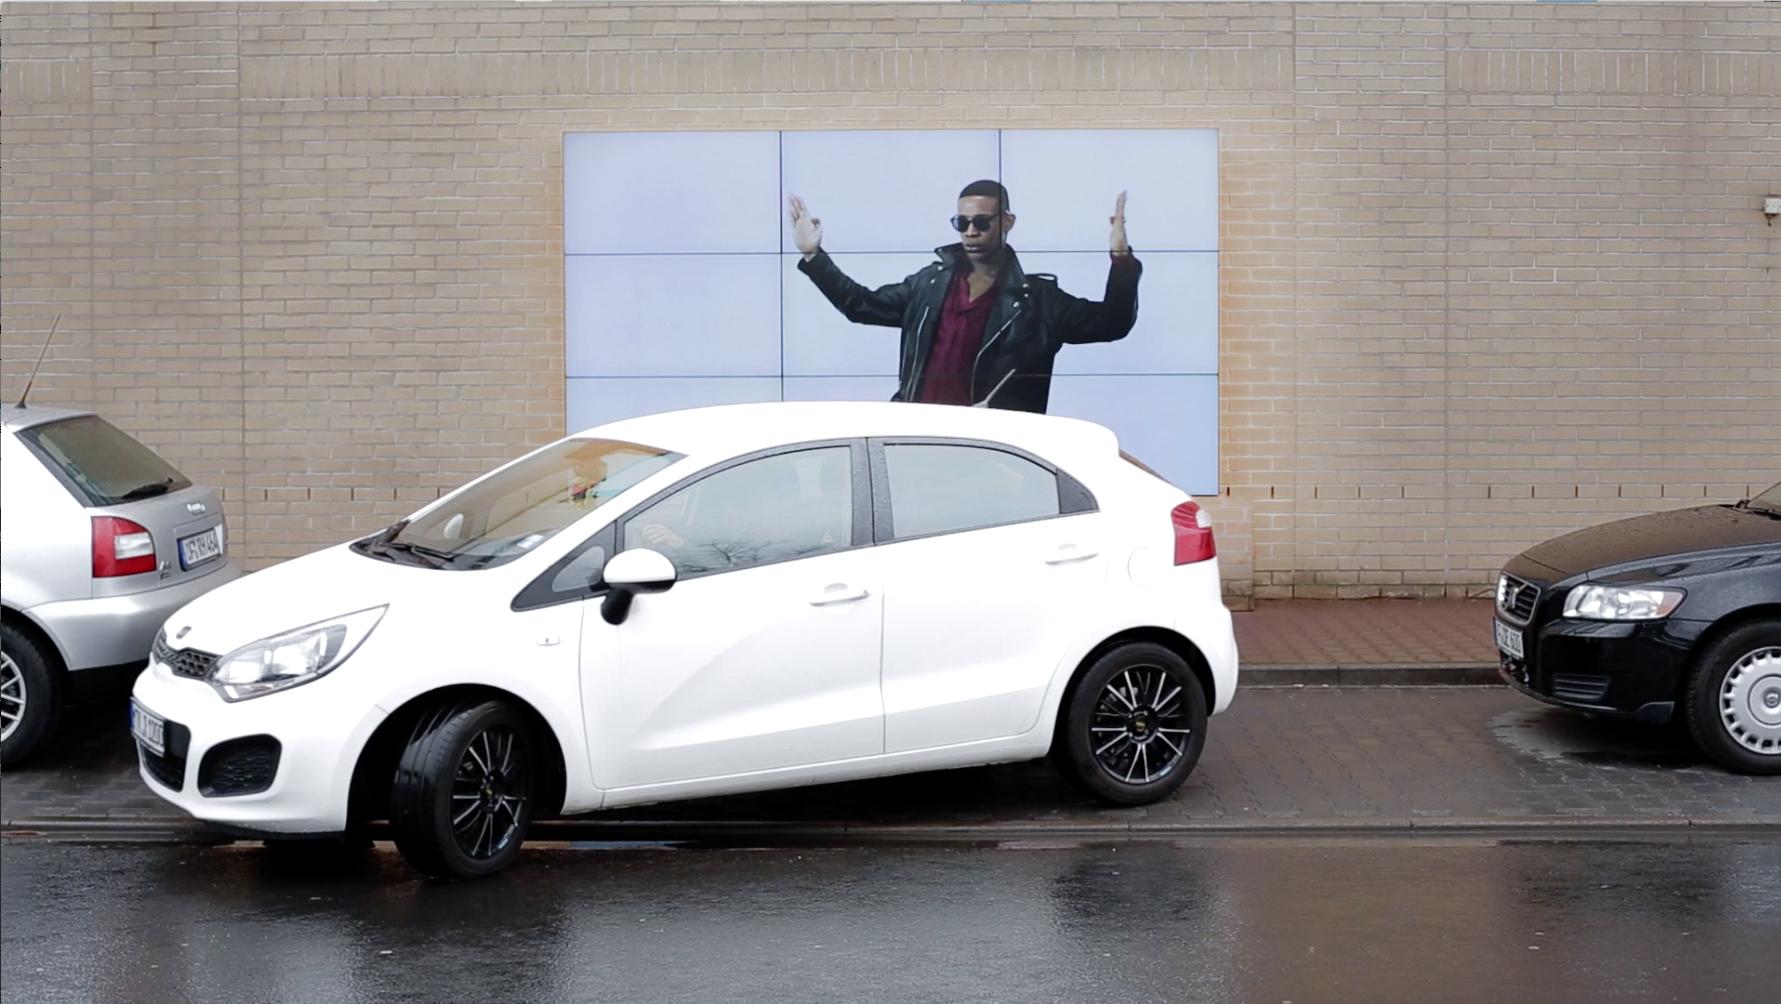 fiat-billboard-interattivo1